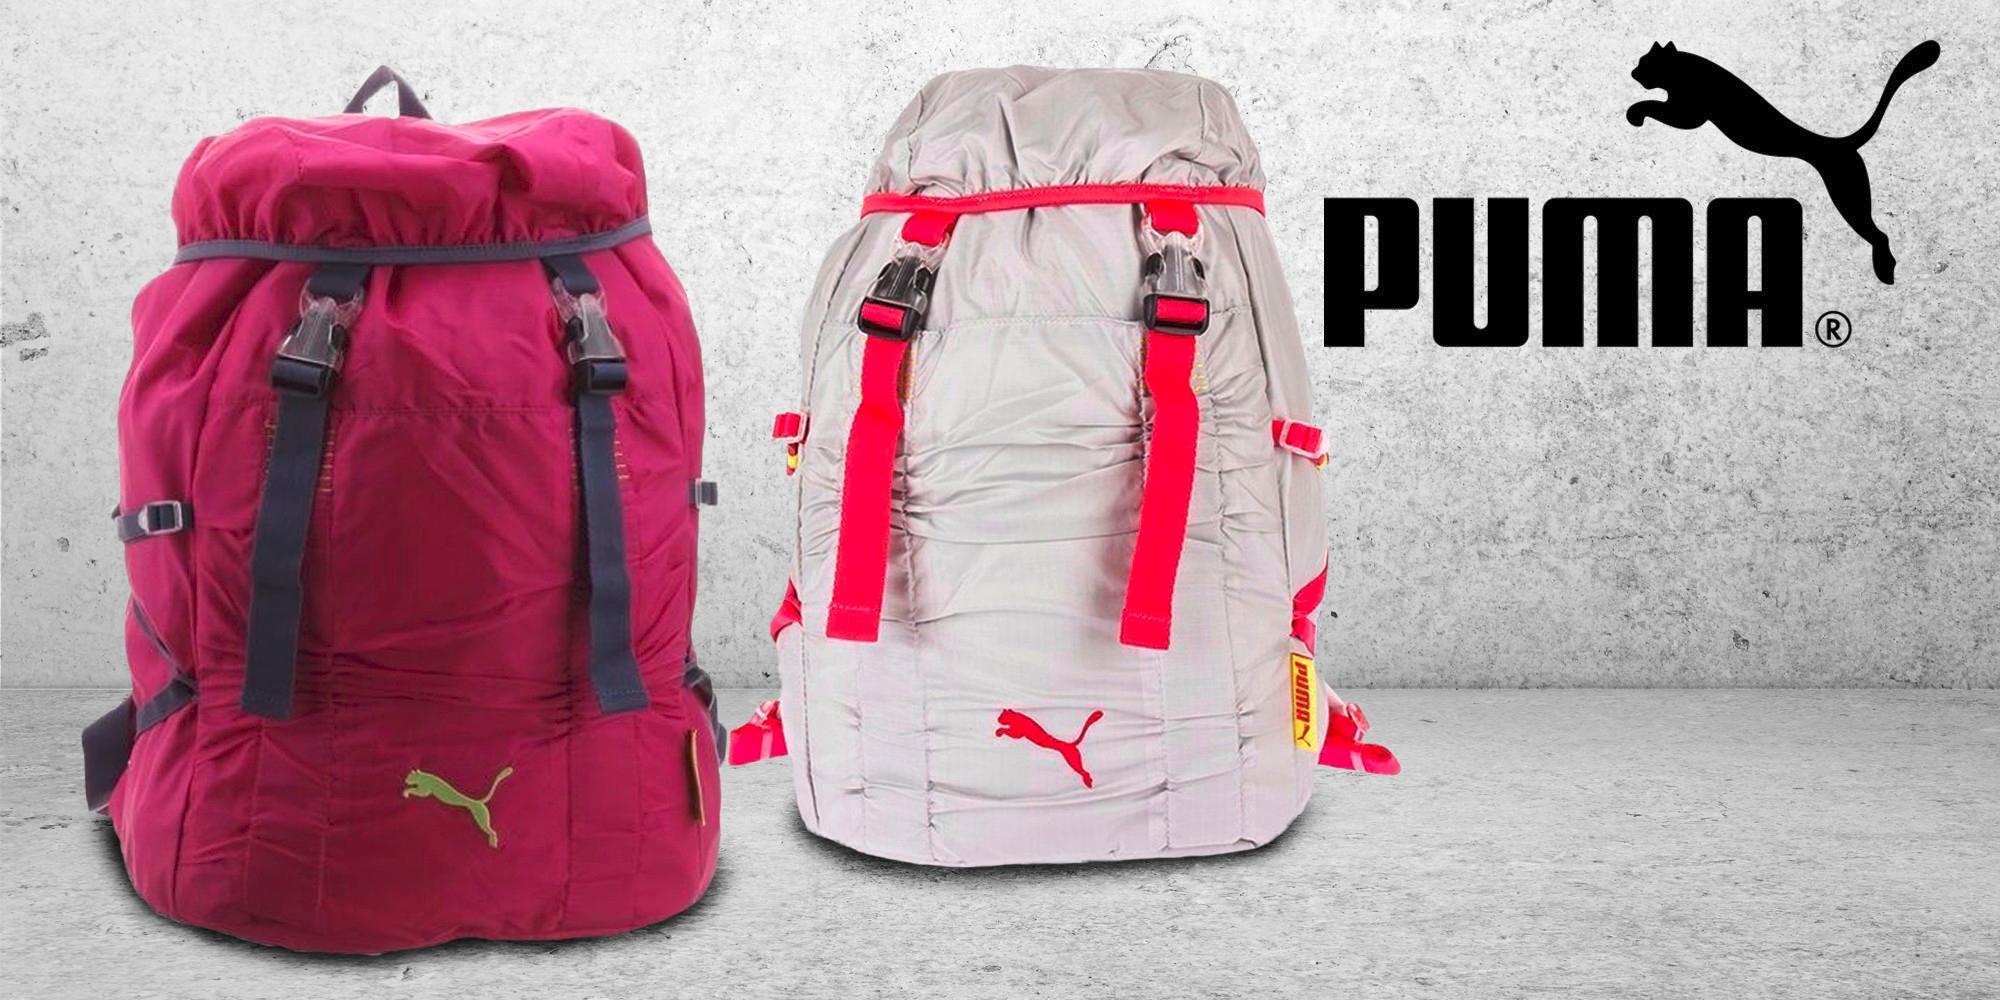 Extra lehký dámský batoh Puma na výlet i do školy  62707dbba4